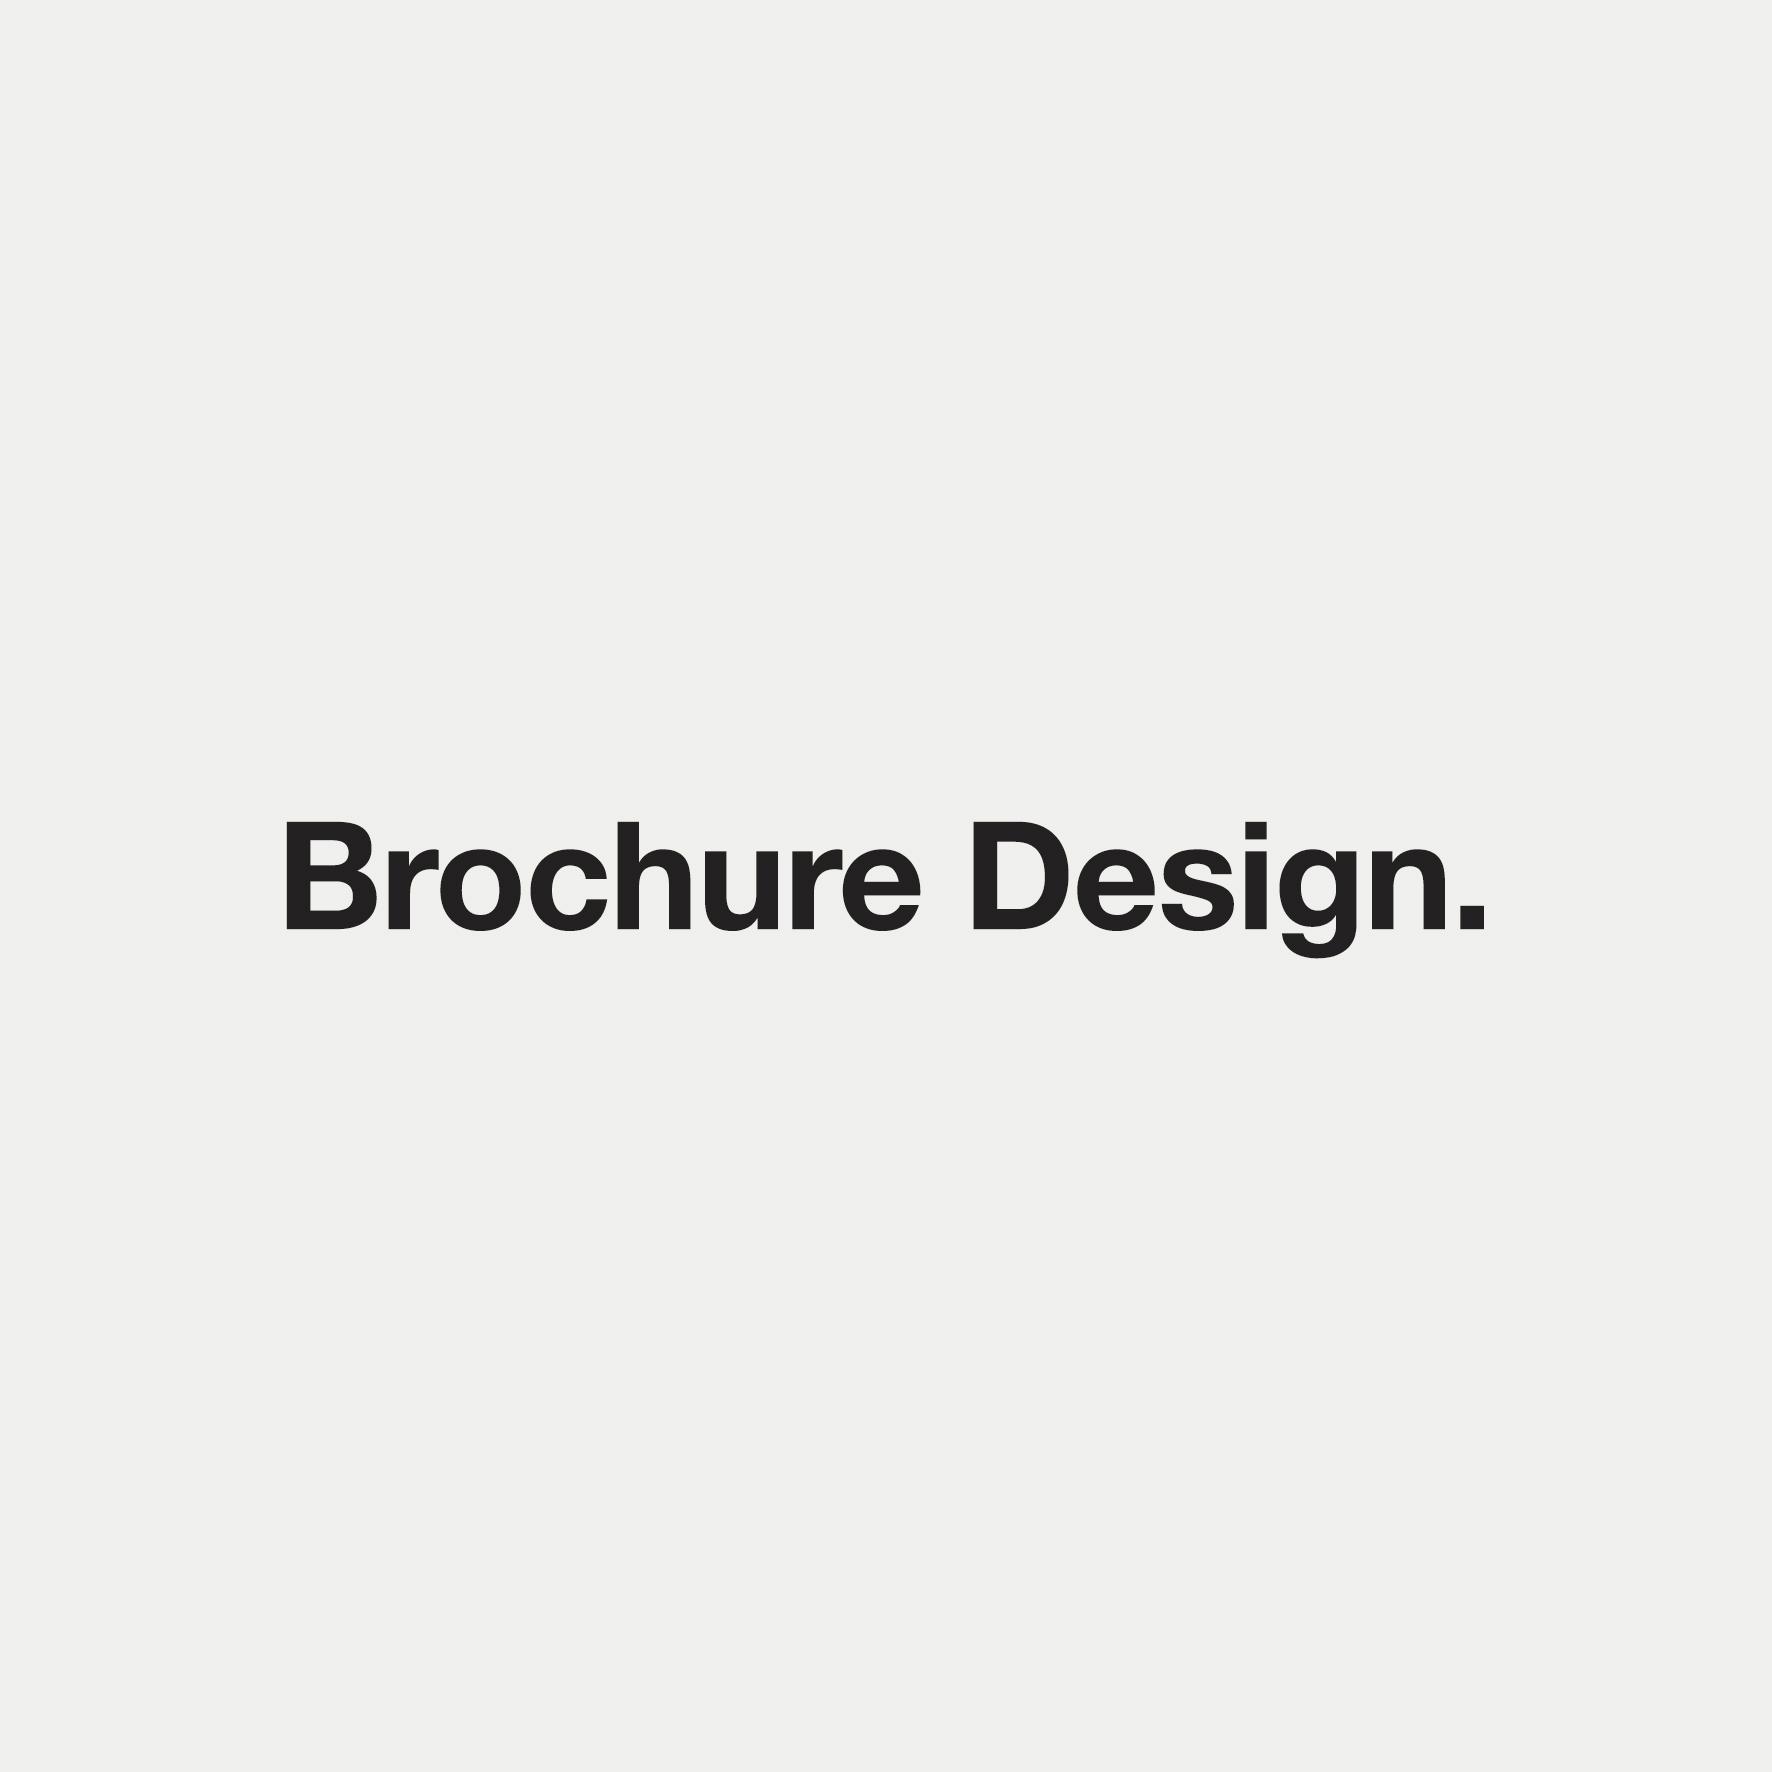 Design - Brochure Thumbnail.jpg